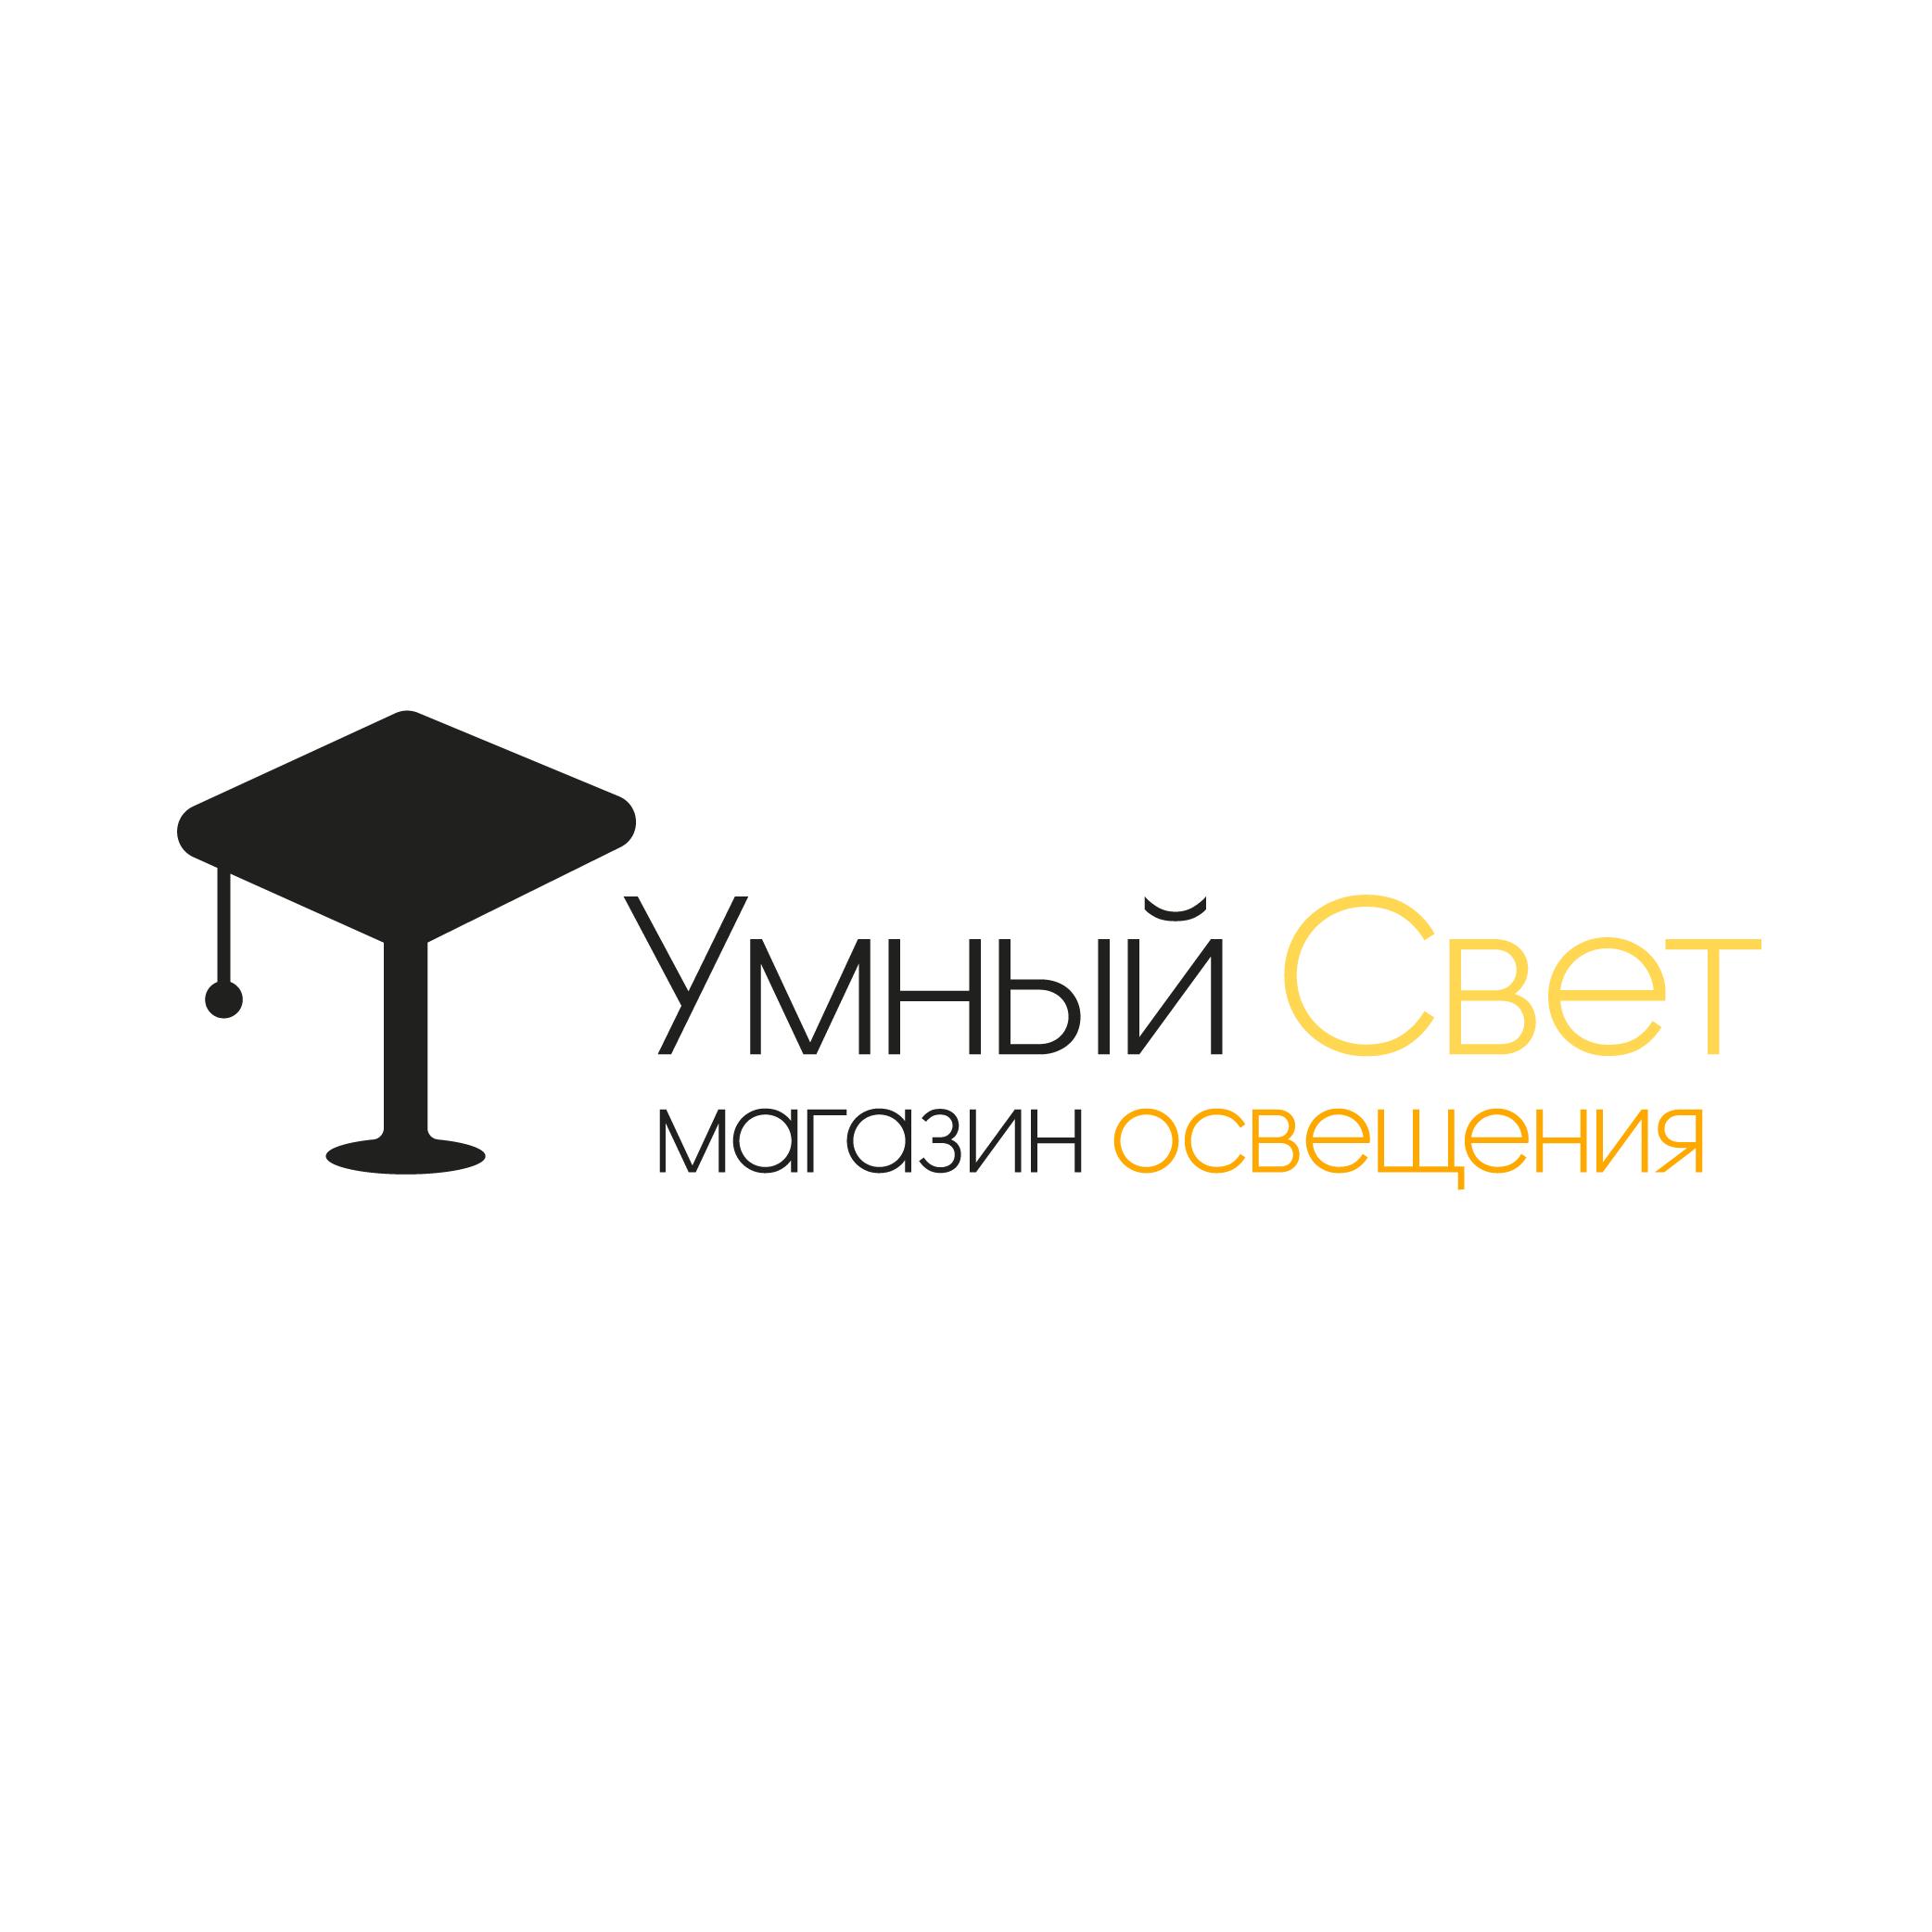 Логотип для салон-магазина освещения фото f_1535cfe65b85efaa.png